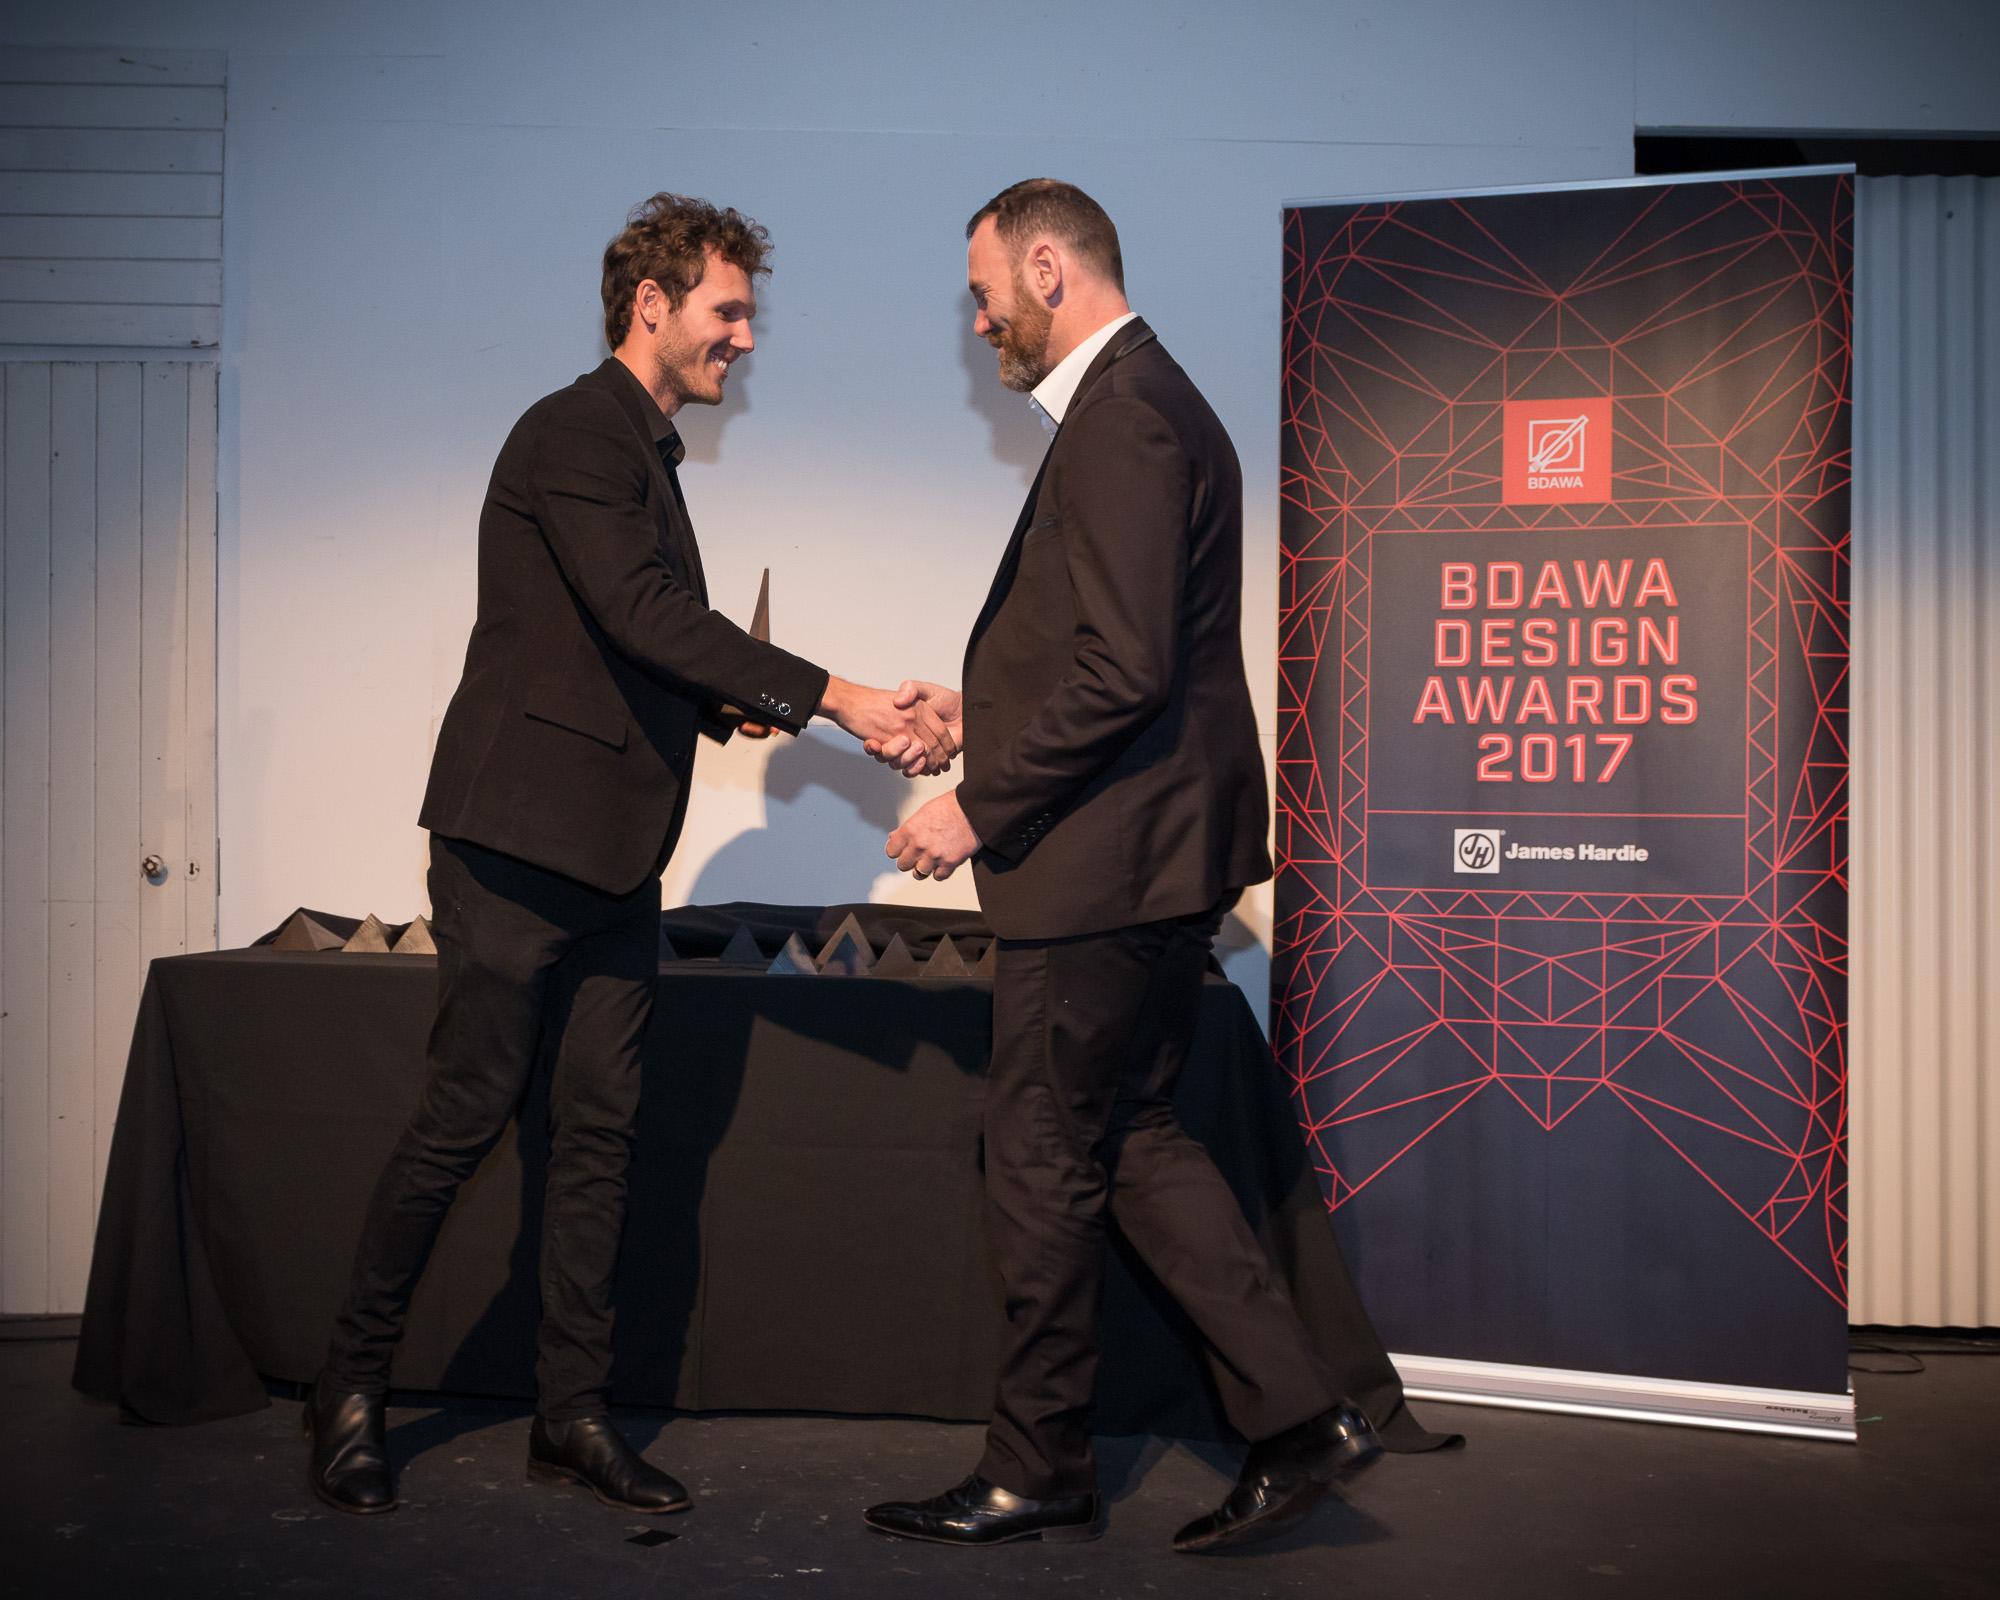 0152 BDA WA Awards 2017 _JHG7399.jpg